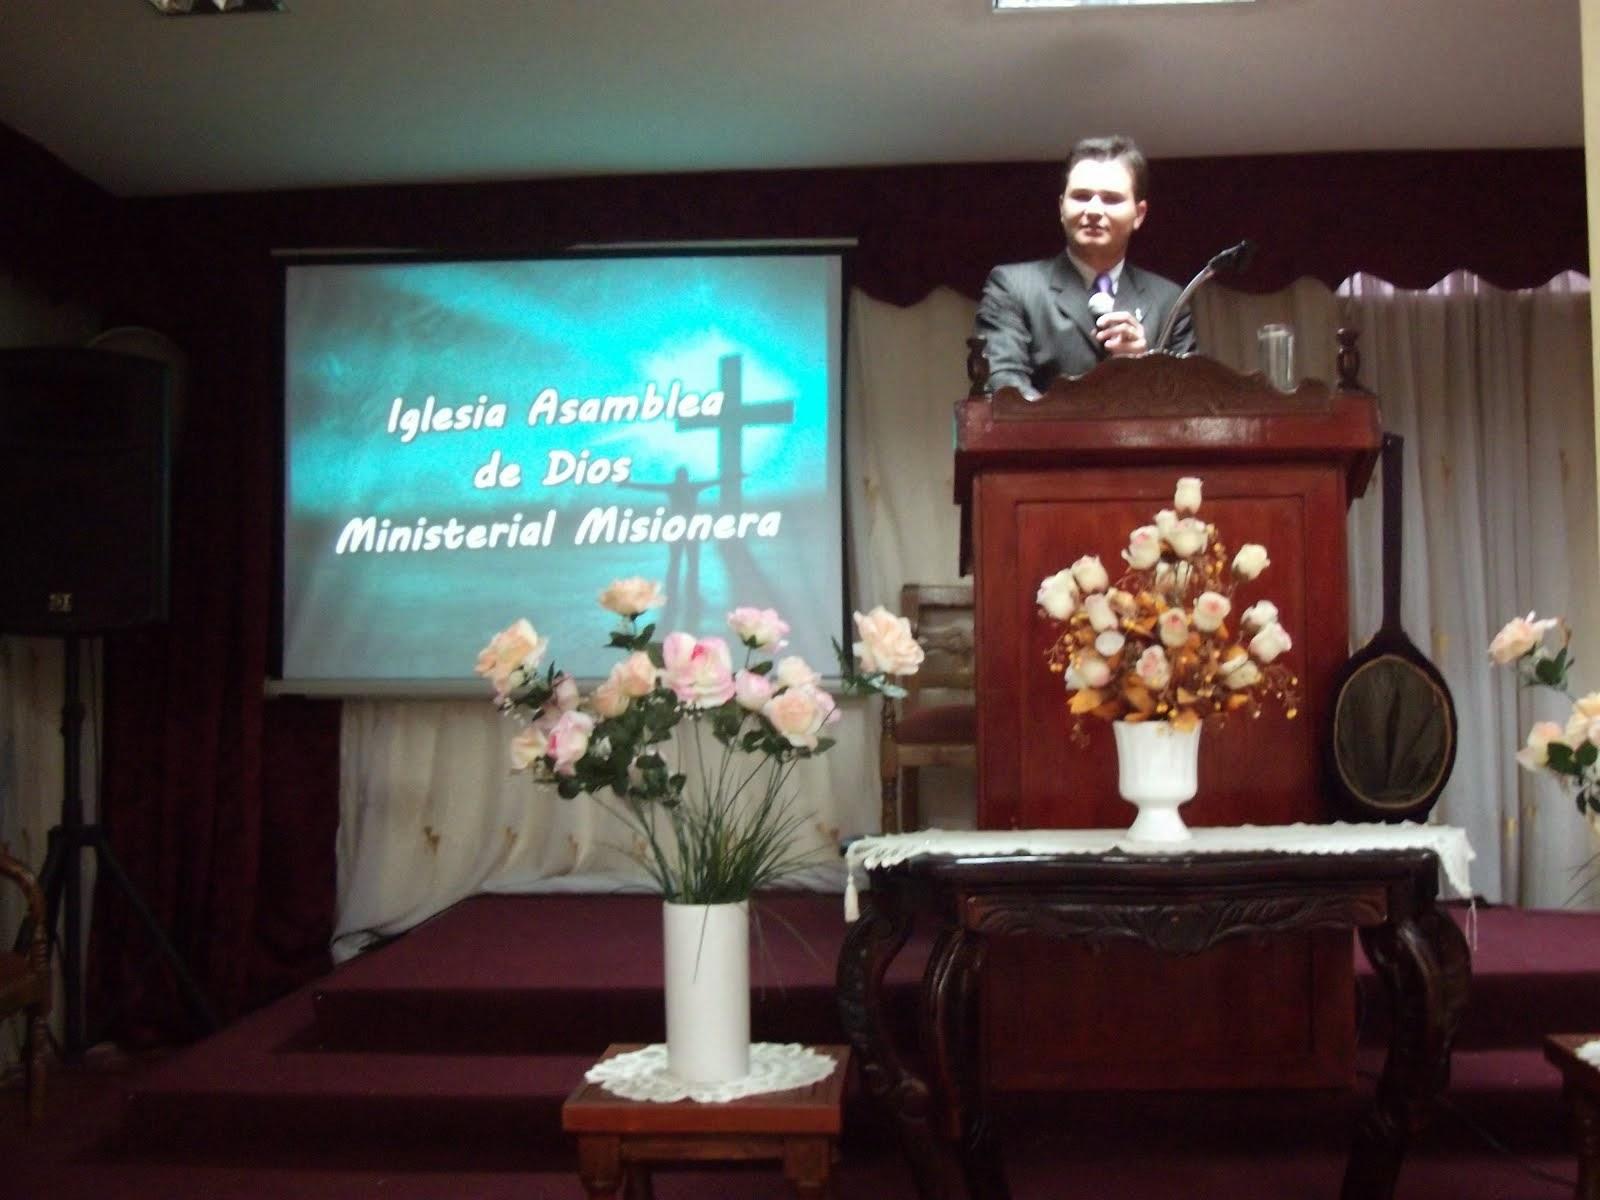 Pregando em la Granja no Chile